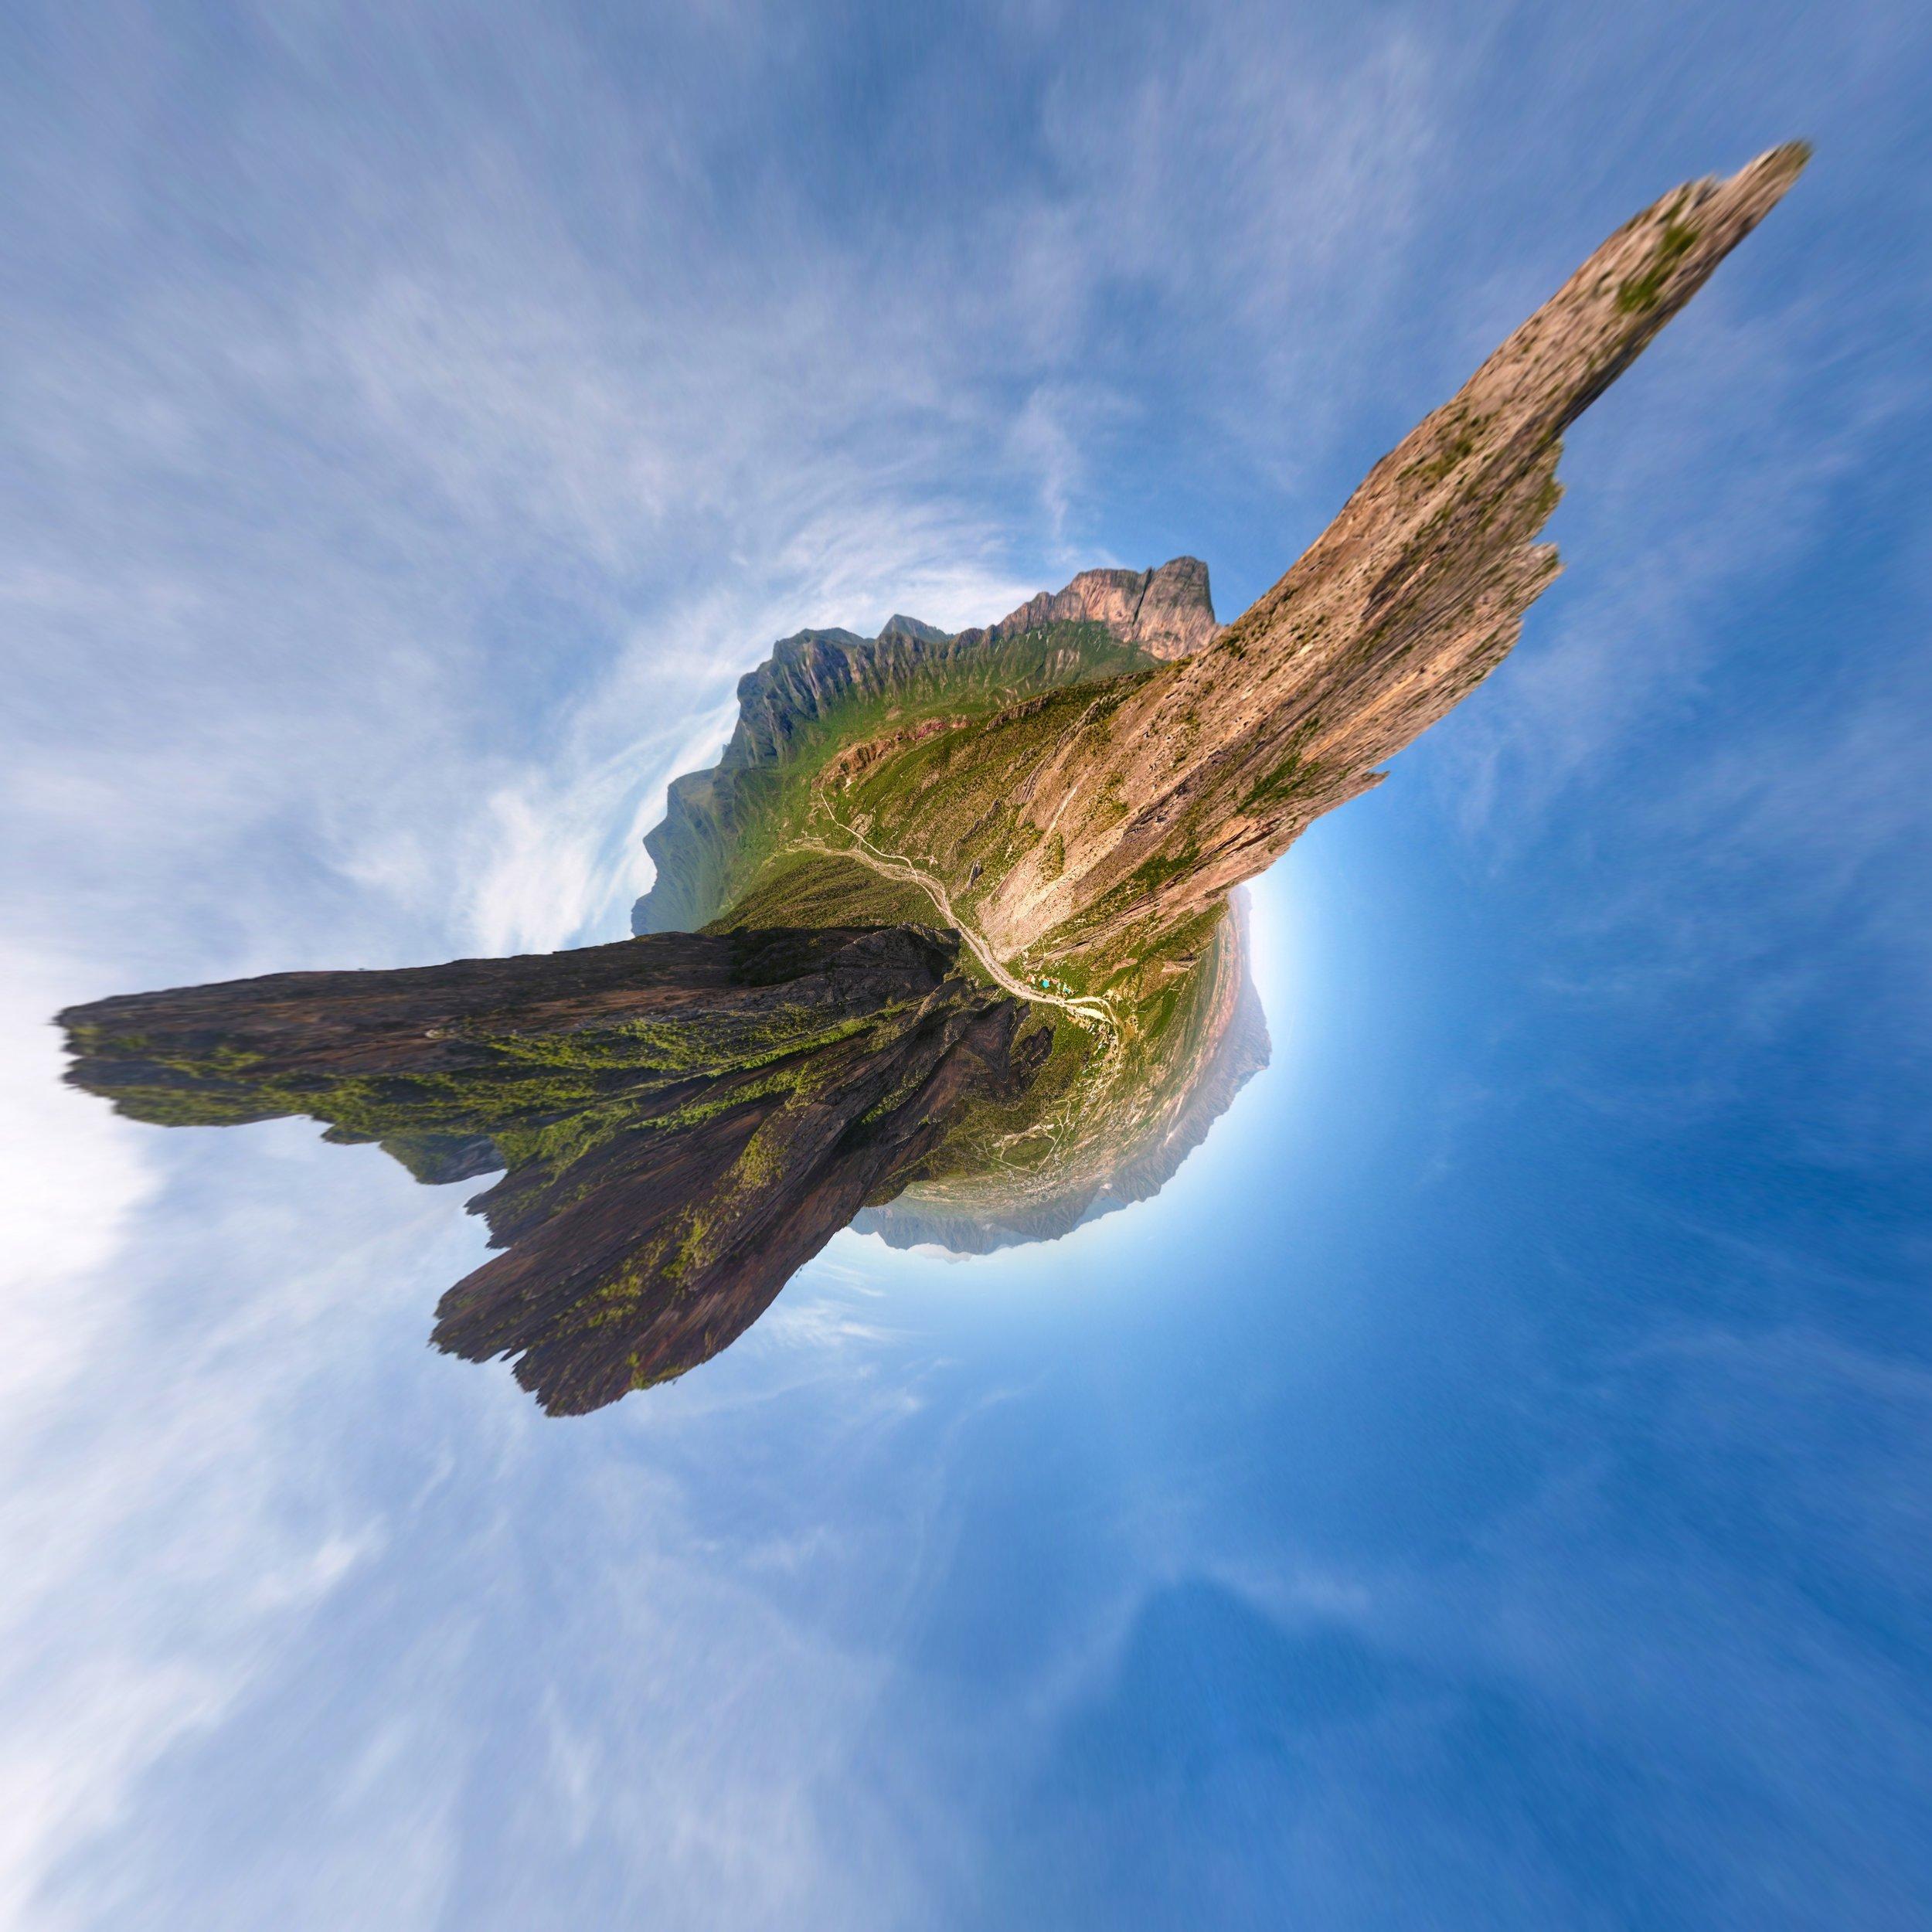 Sister Peaks - El Potrero Chico